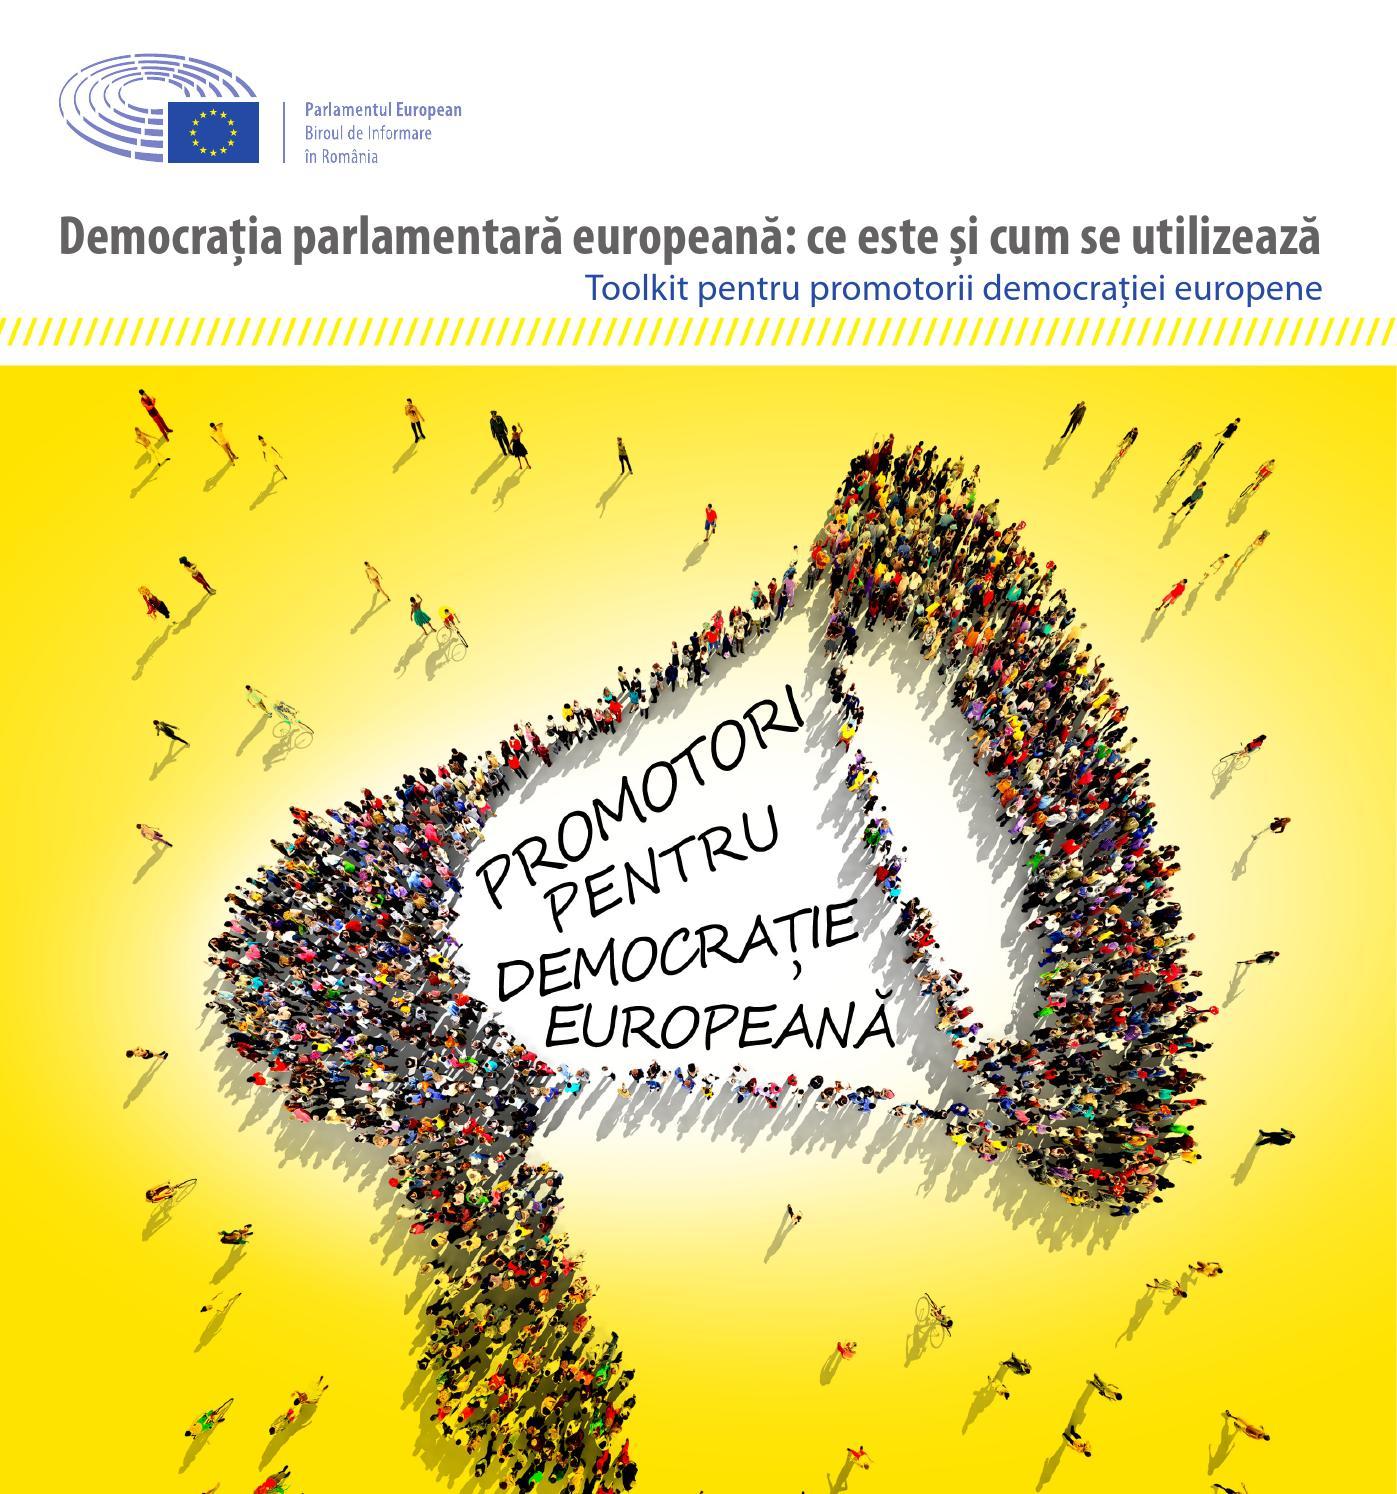 Avantajele democratiei